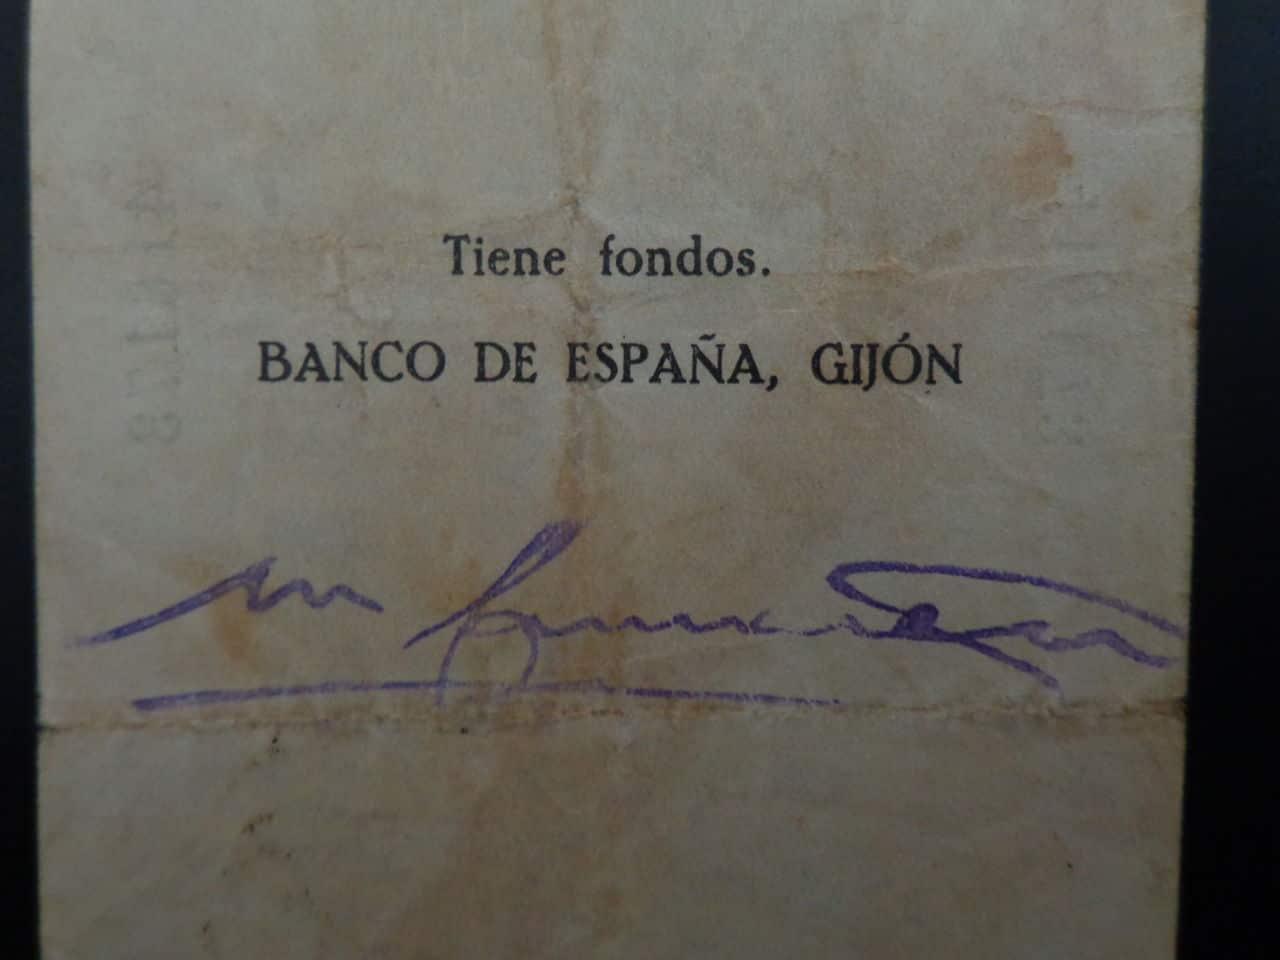 5 Pesetas 5 Noviembre 1936, Banco de España (Gijón)  DSC00676